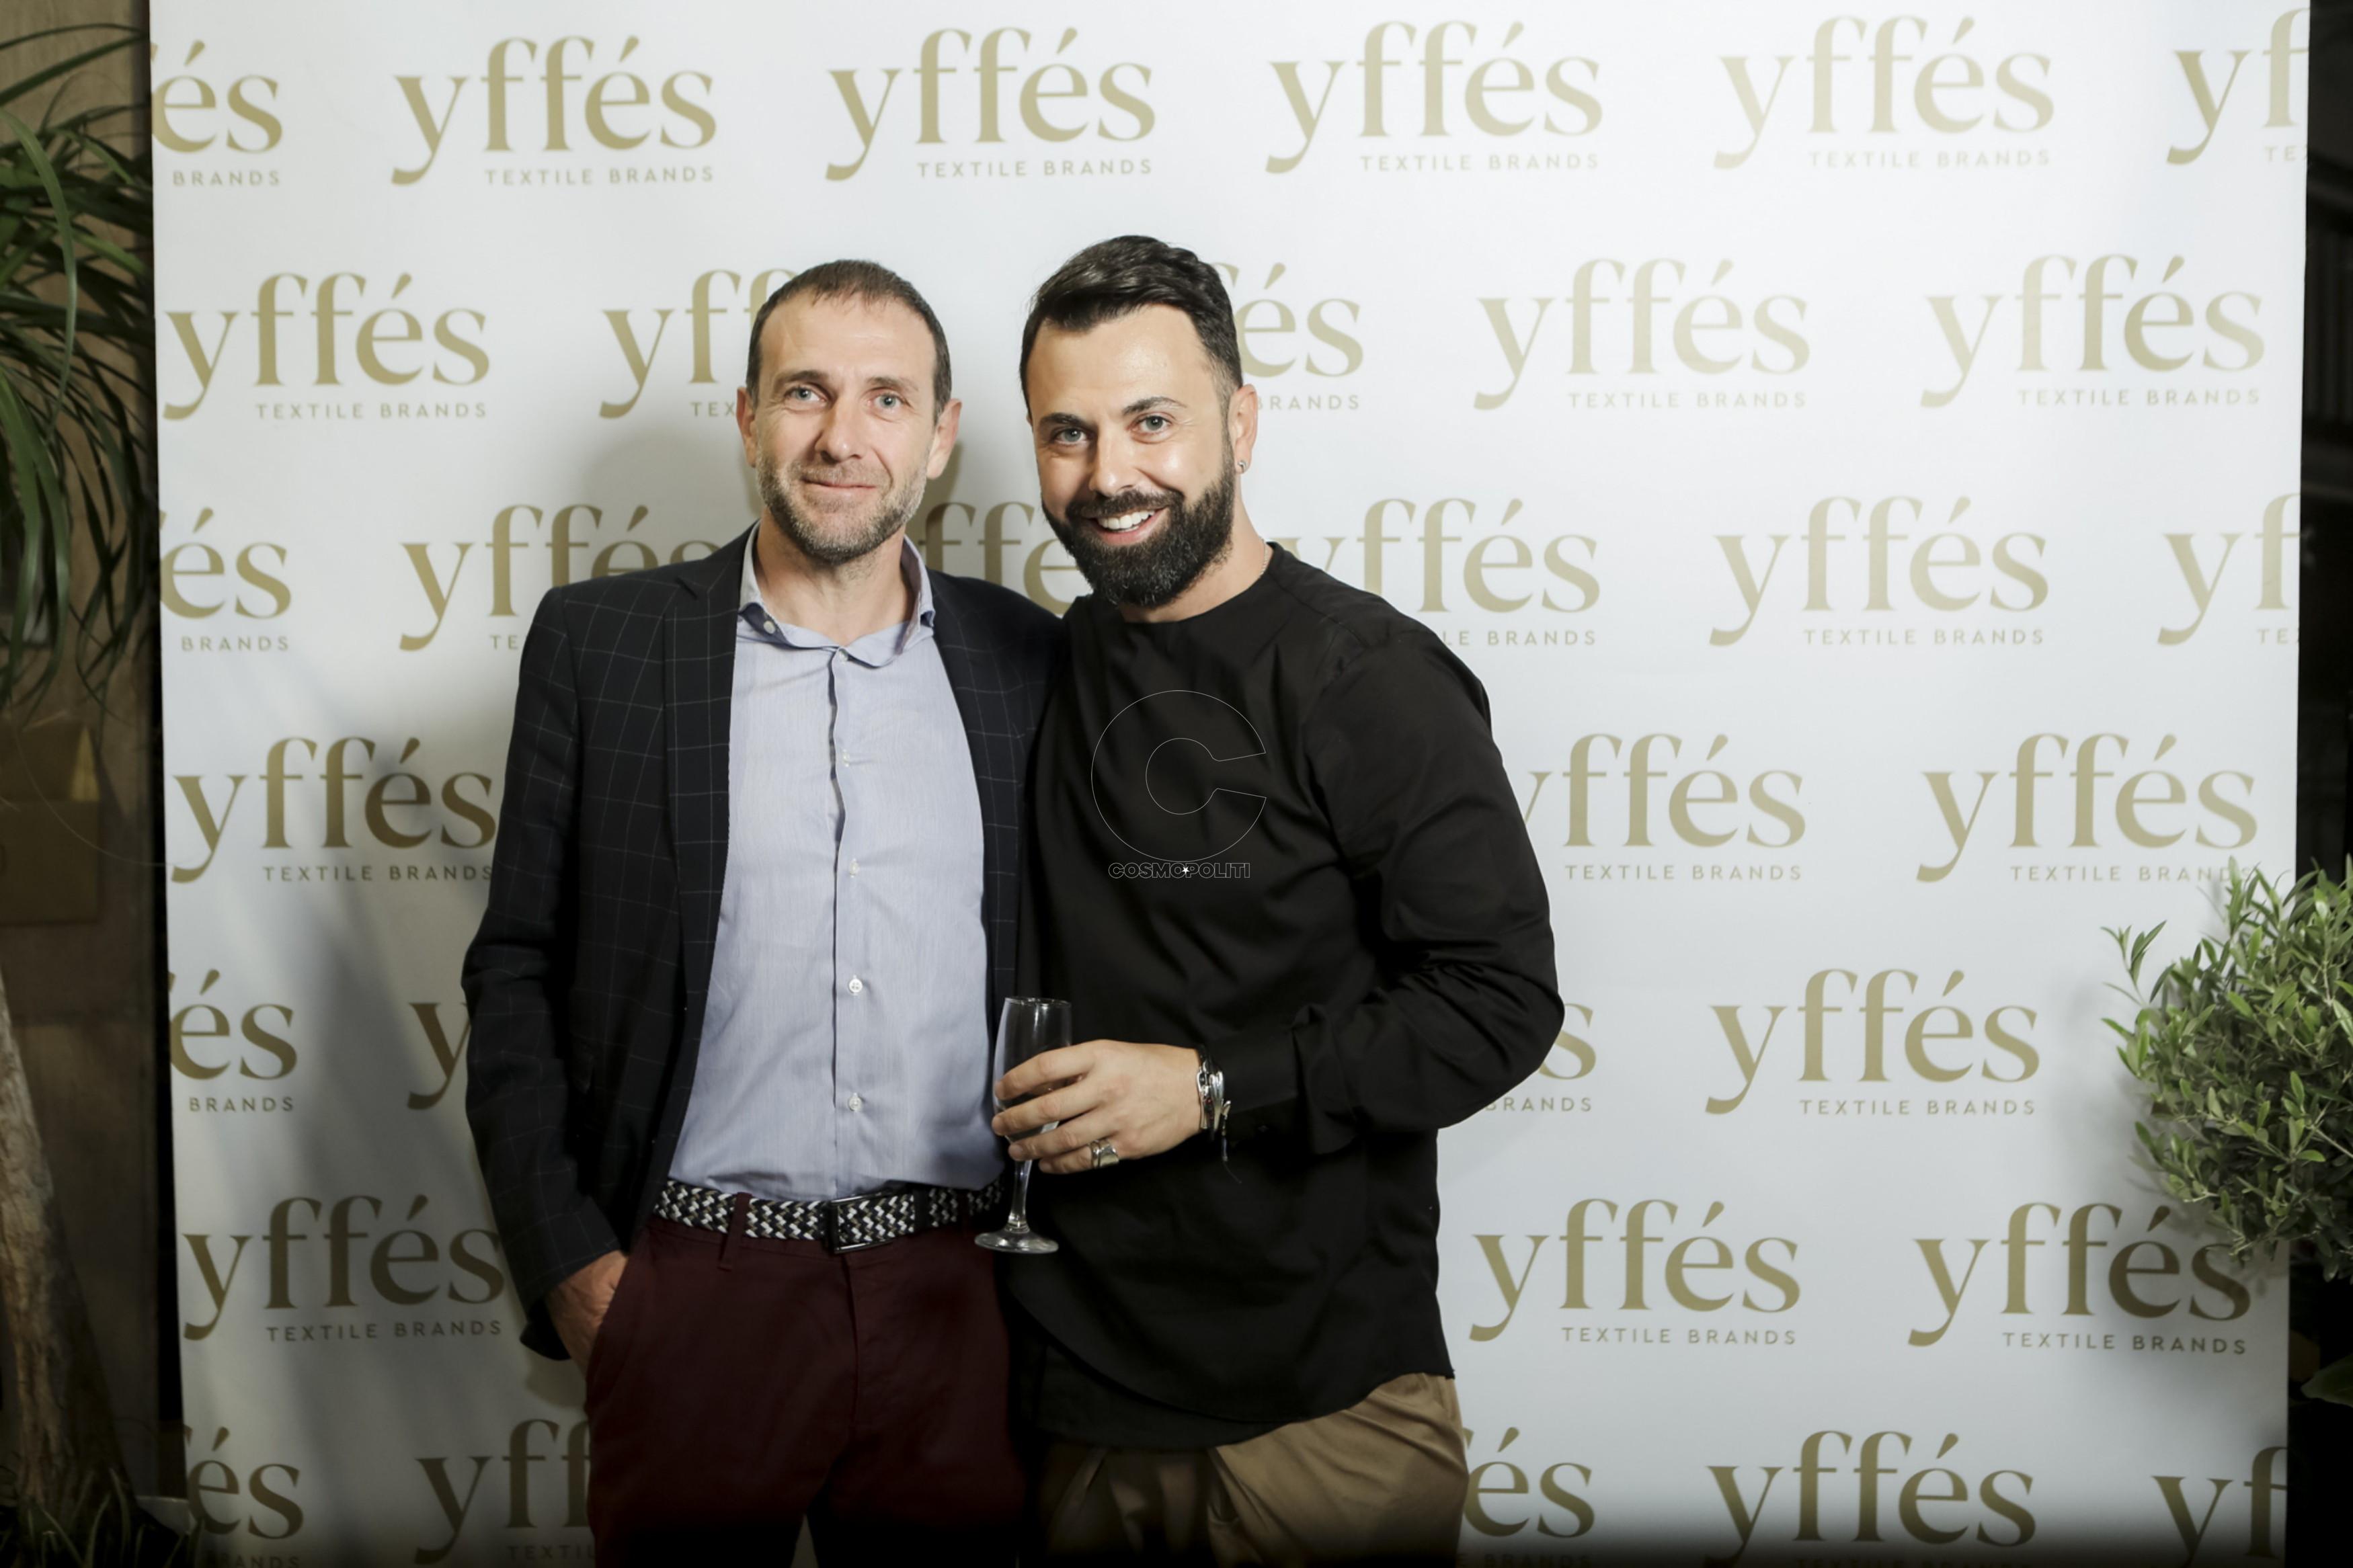 11 Ο Ανέστης Αποστολίδης με τον ιδιοκτήτη του yffes Θόδωρο Τσεντεμείδη